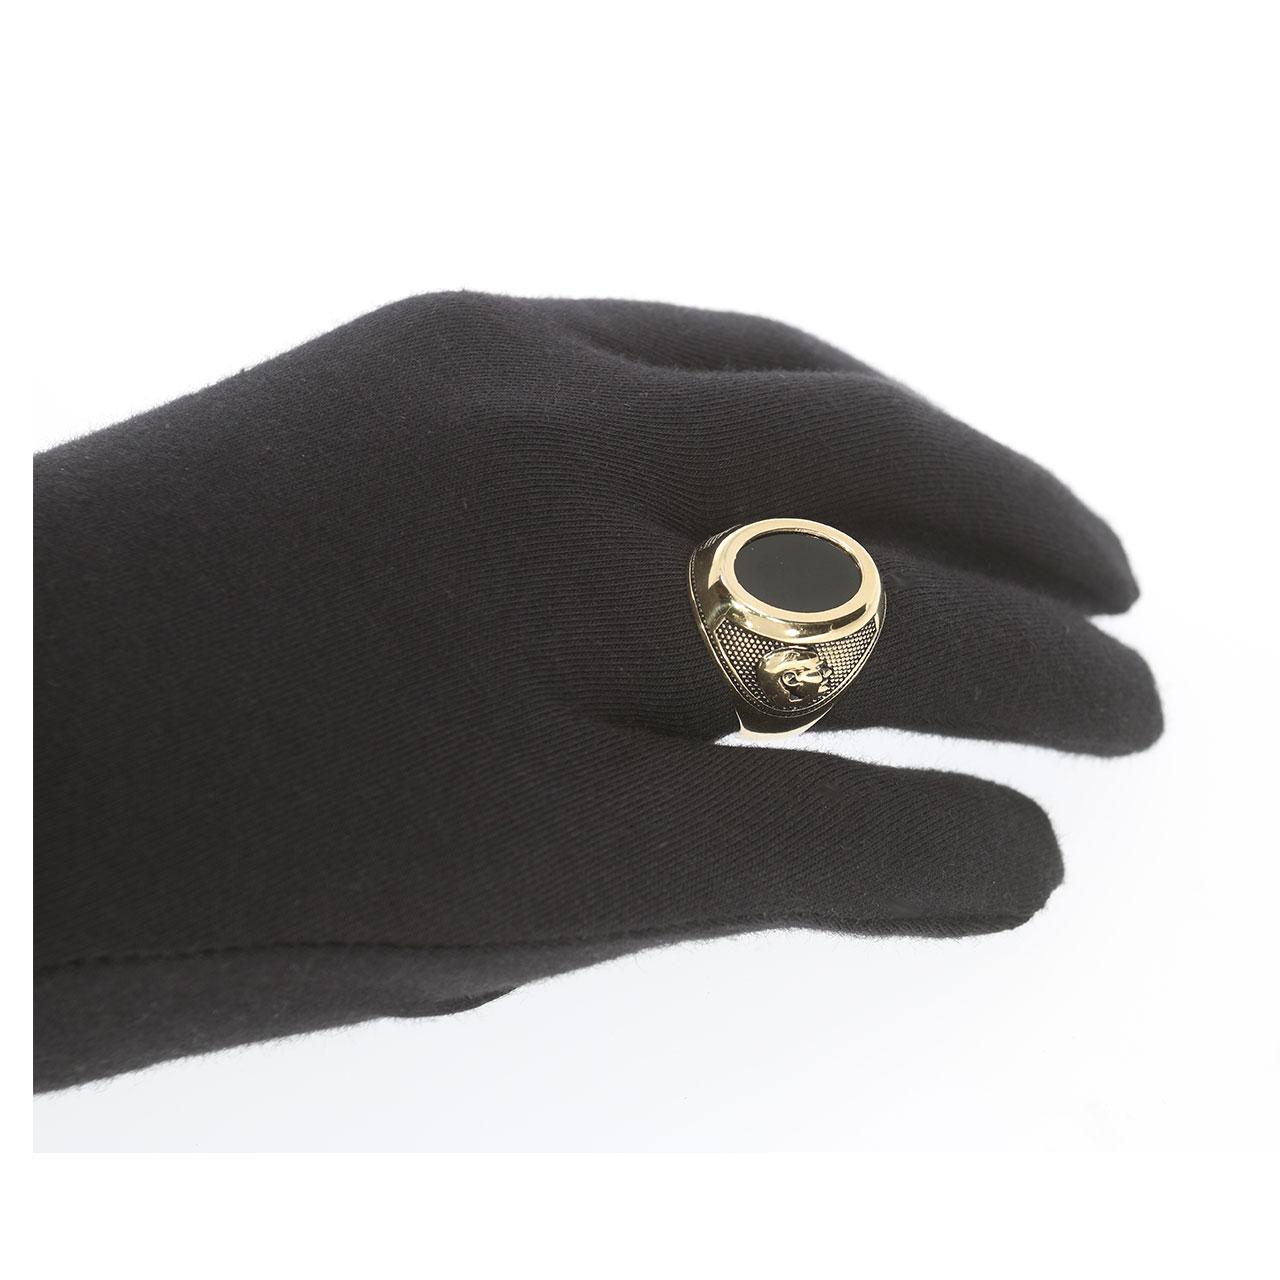 Siyah Taşlı Atatürk ve Türk Bayraklı Altın Yüzük 14 Ayar